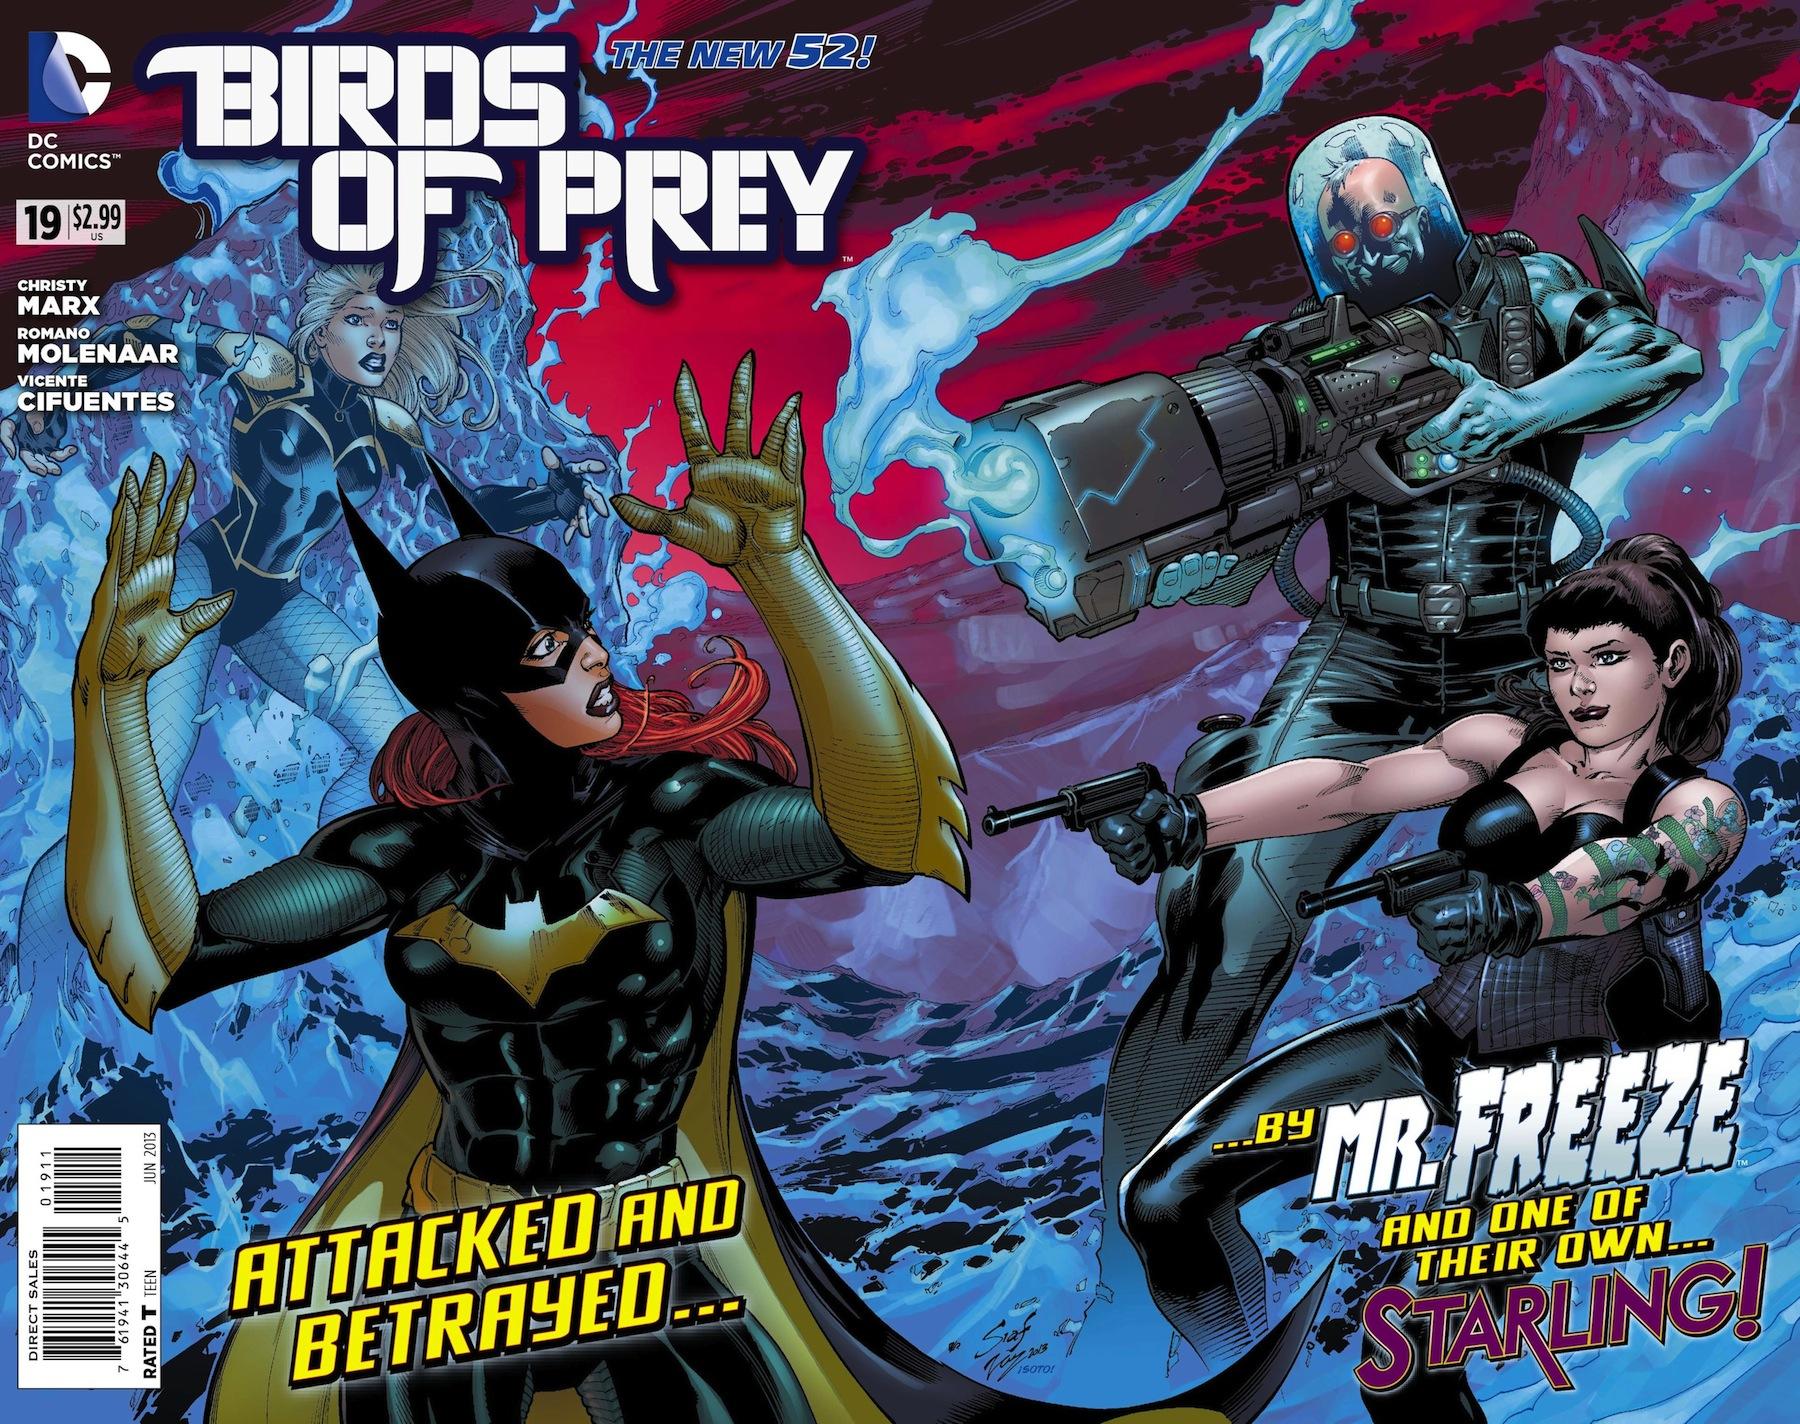 Birds of Prey 6 Vol. 2